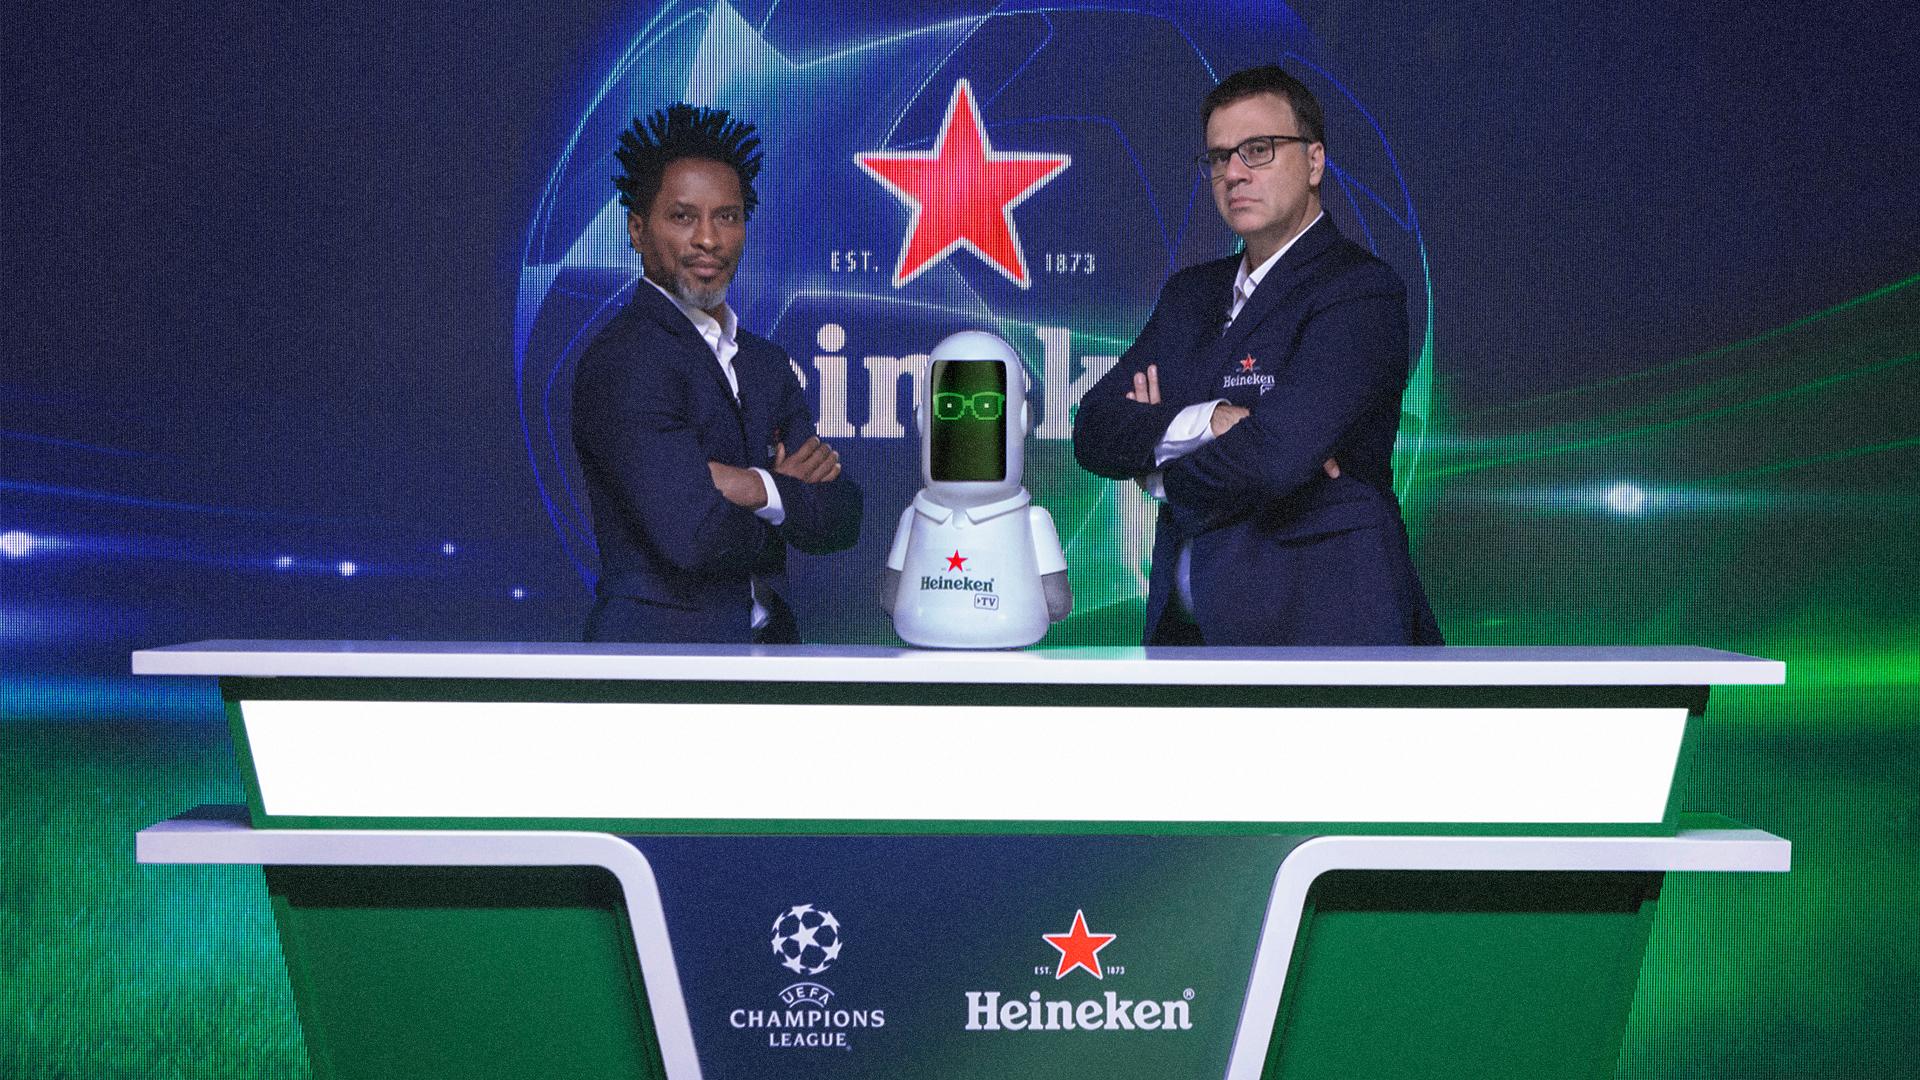 ucl 2019: heineken tv